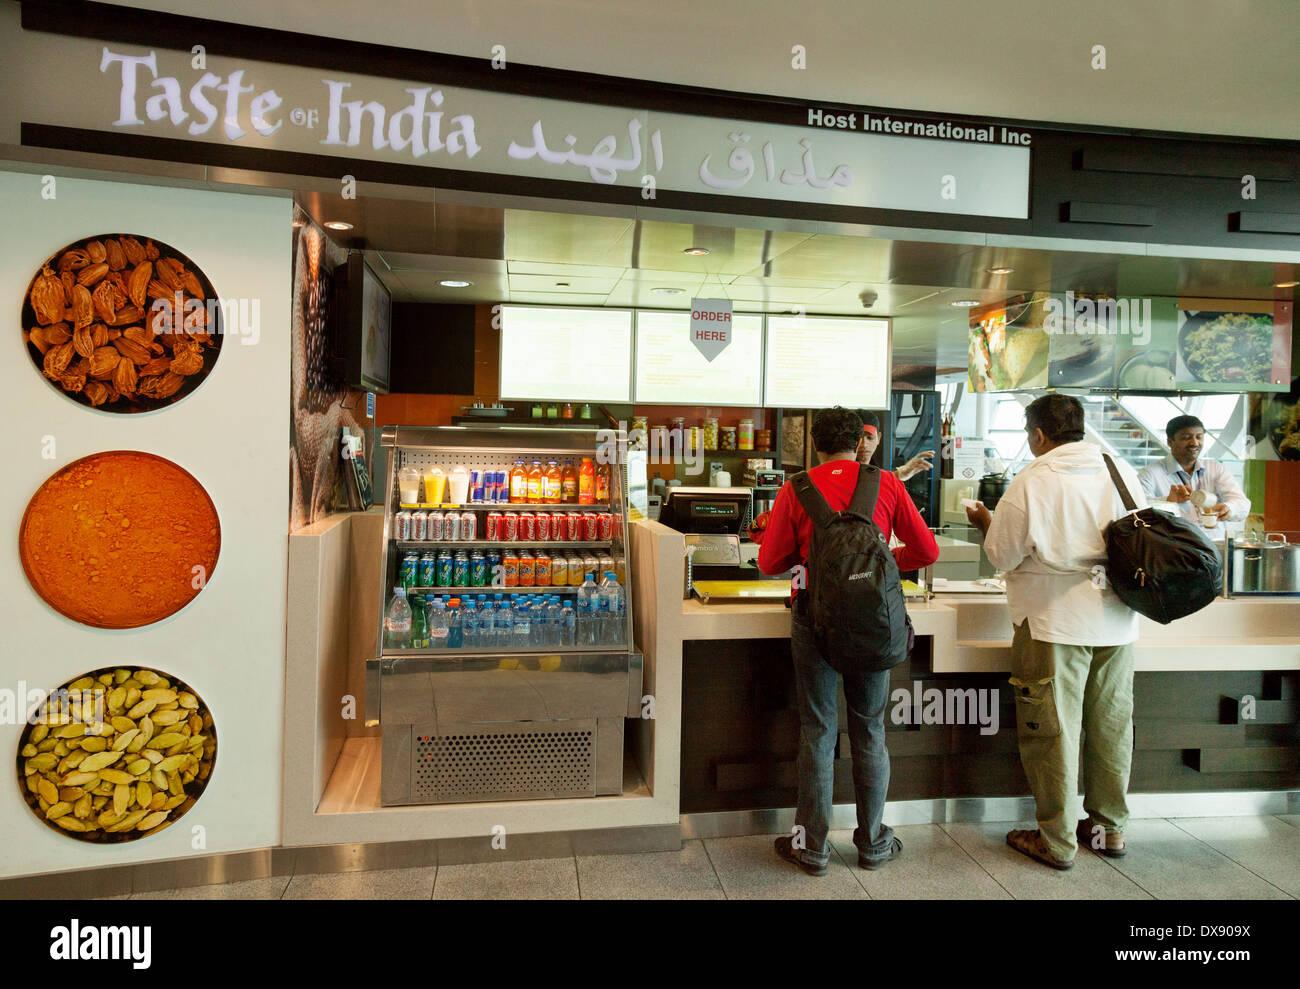 Geschmack von Indien-Café-Restaurant, Dubai Flughafen Terminal, Vereinigte Arabische Emirate, Uited Arabische Emirate, Naher Osten Stockbild